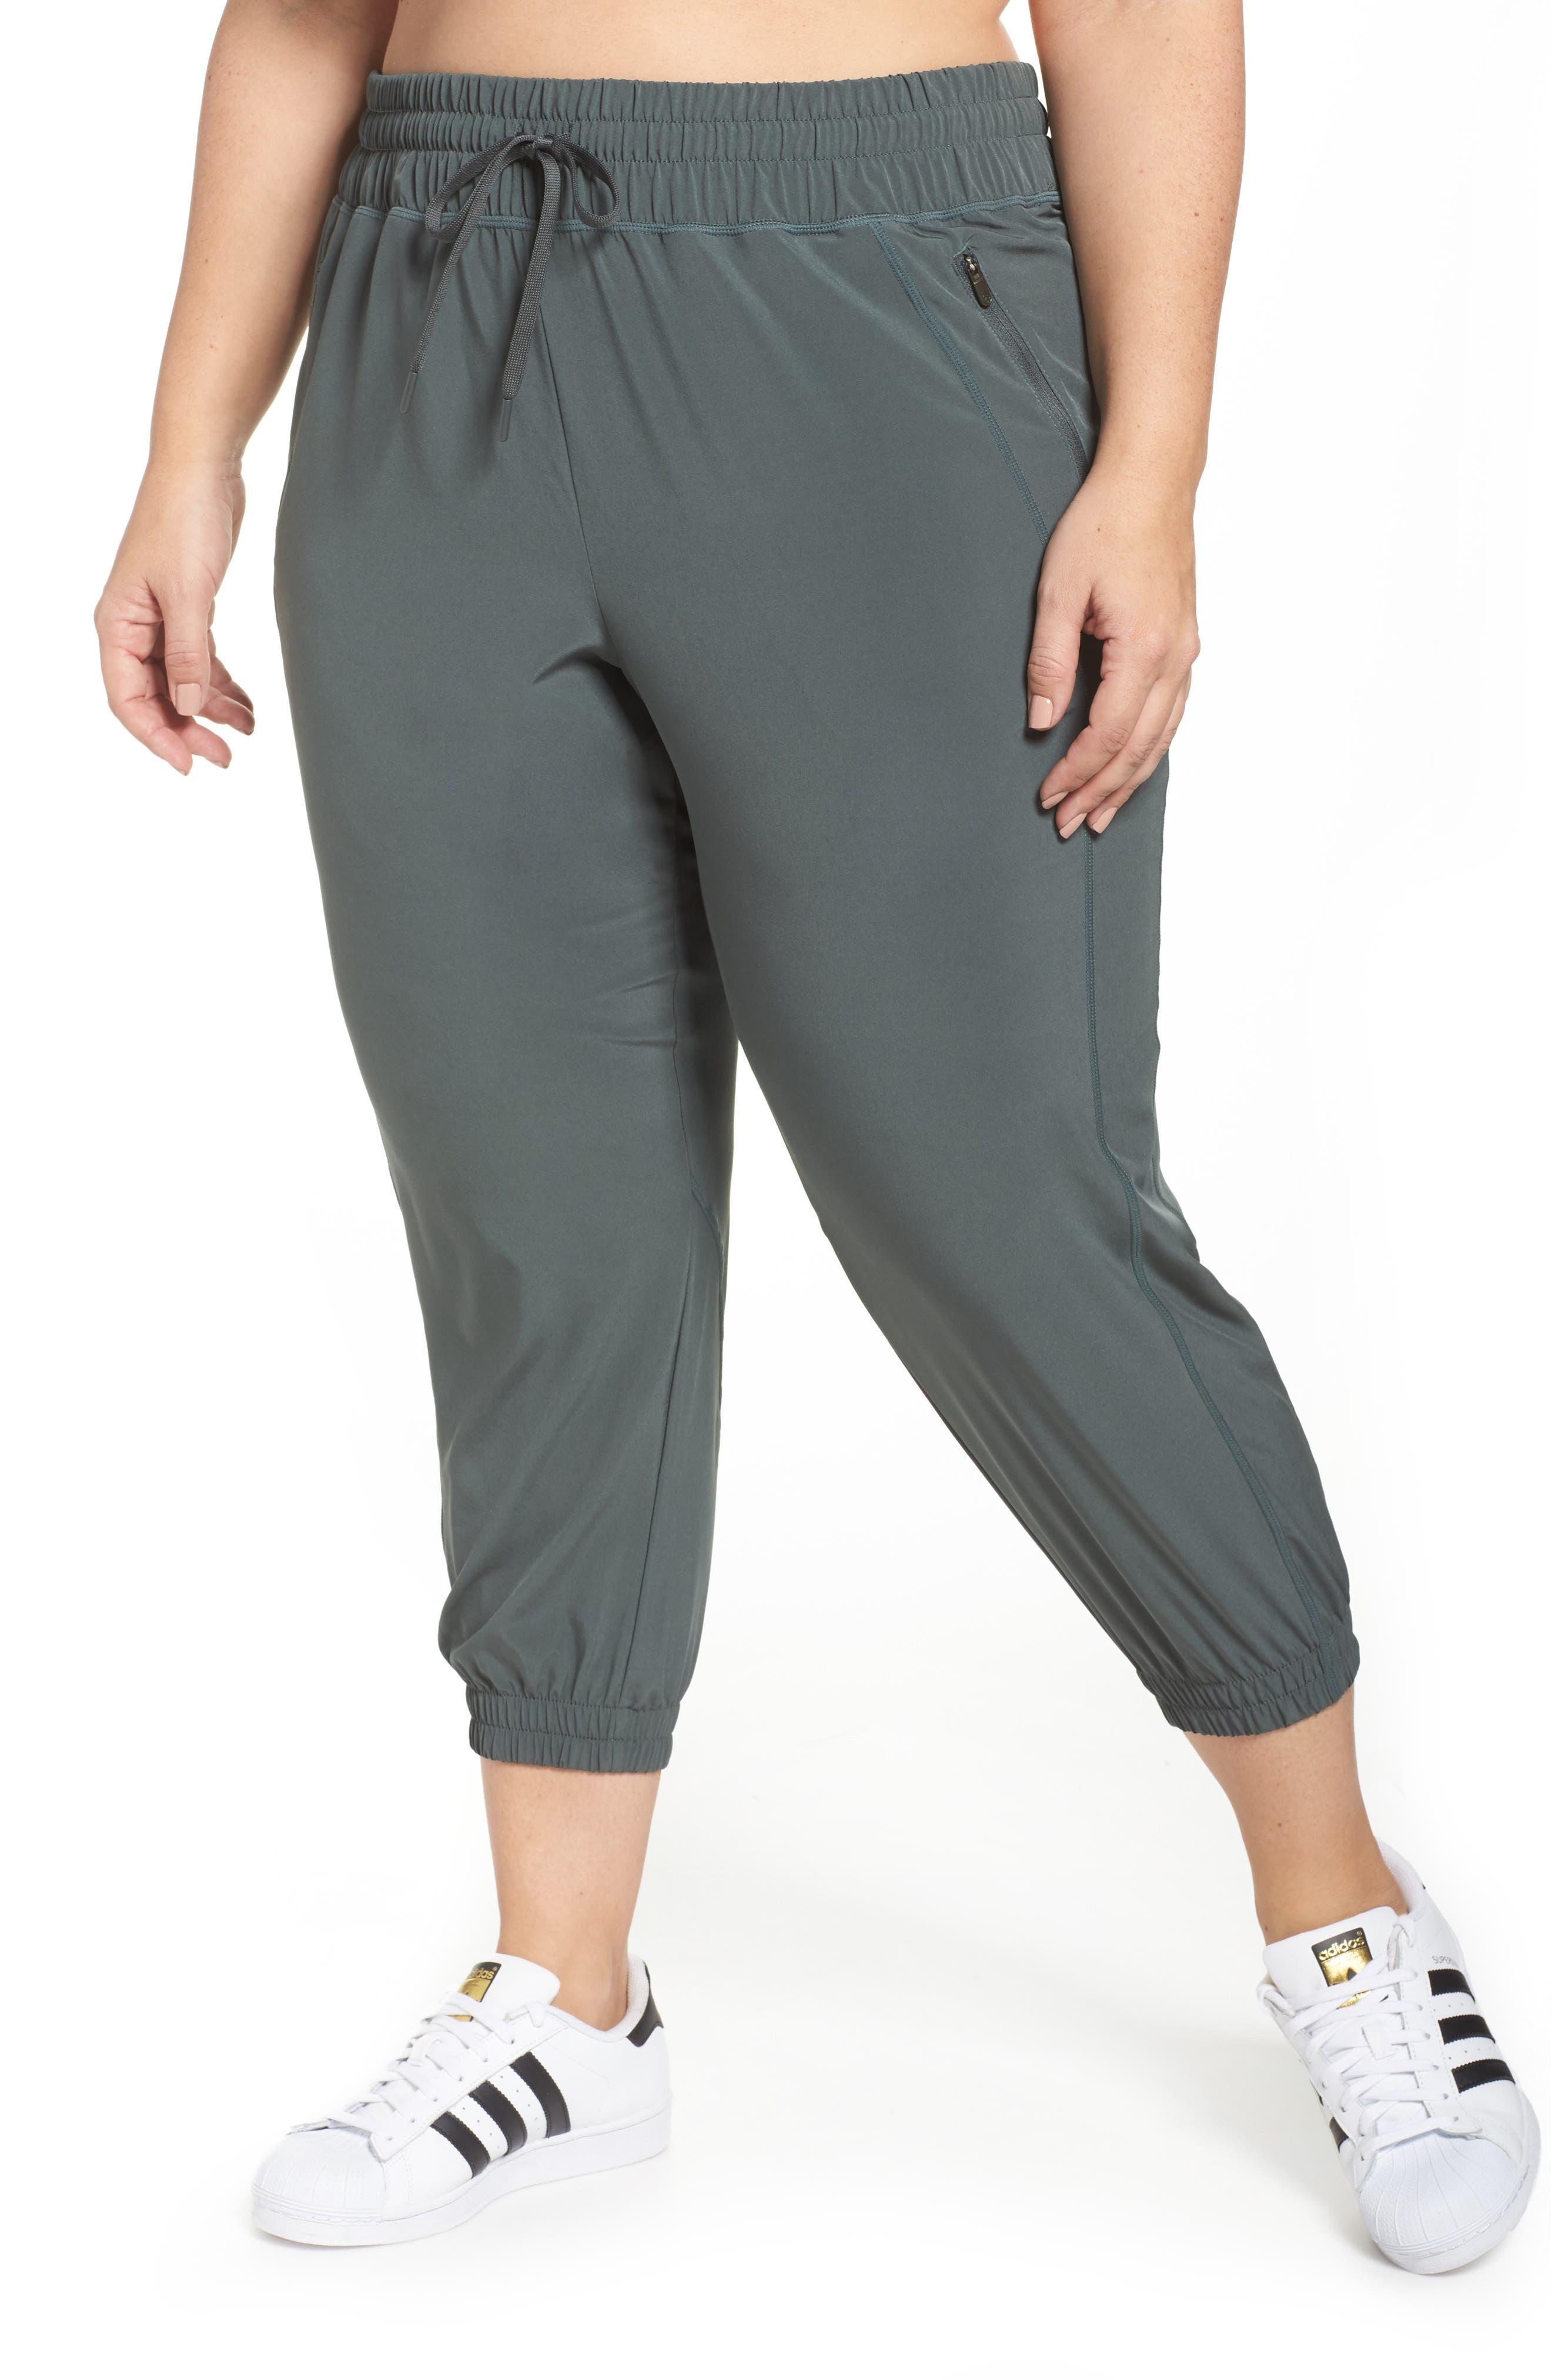 Zella Out & About 2 Crop Pants (Plus Size)